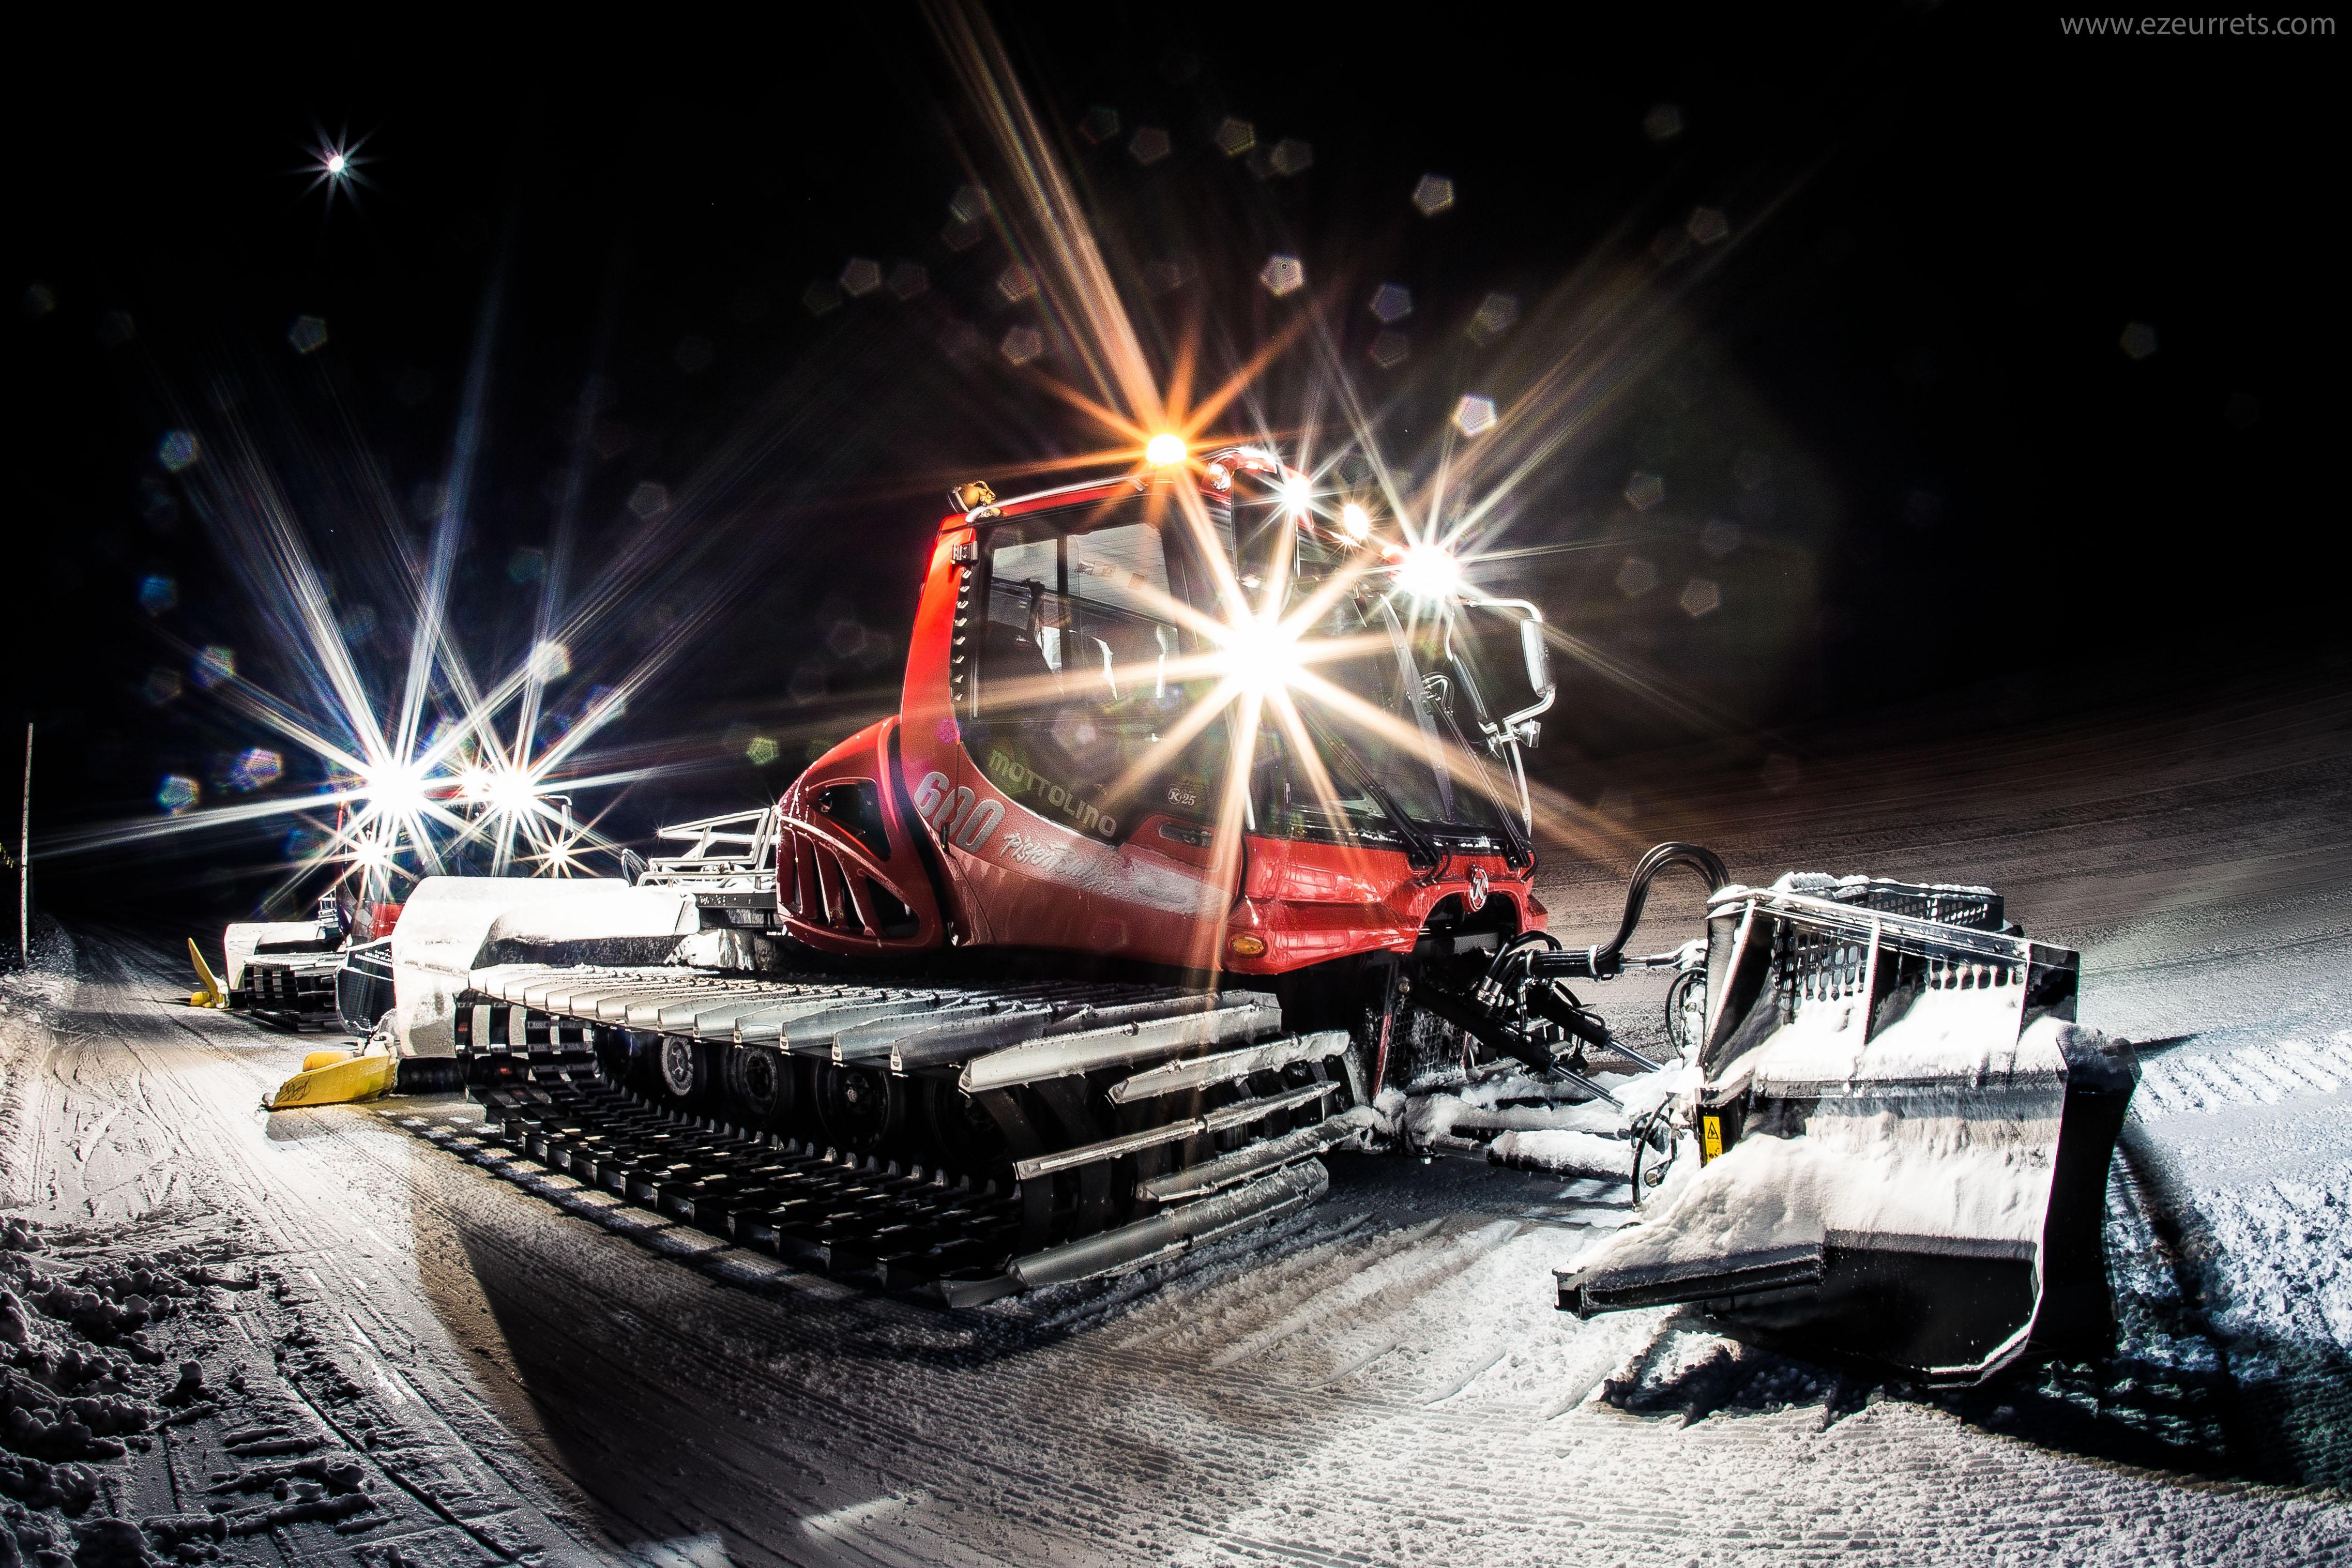 Gatti della neve in azione al Mottolino per la stagione invernale